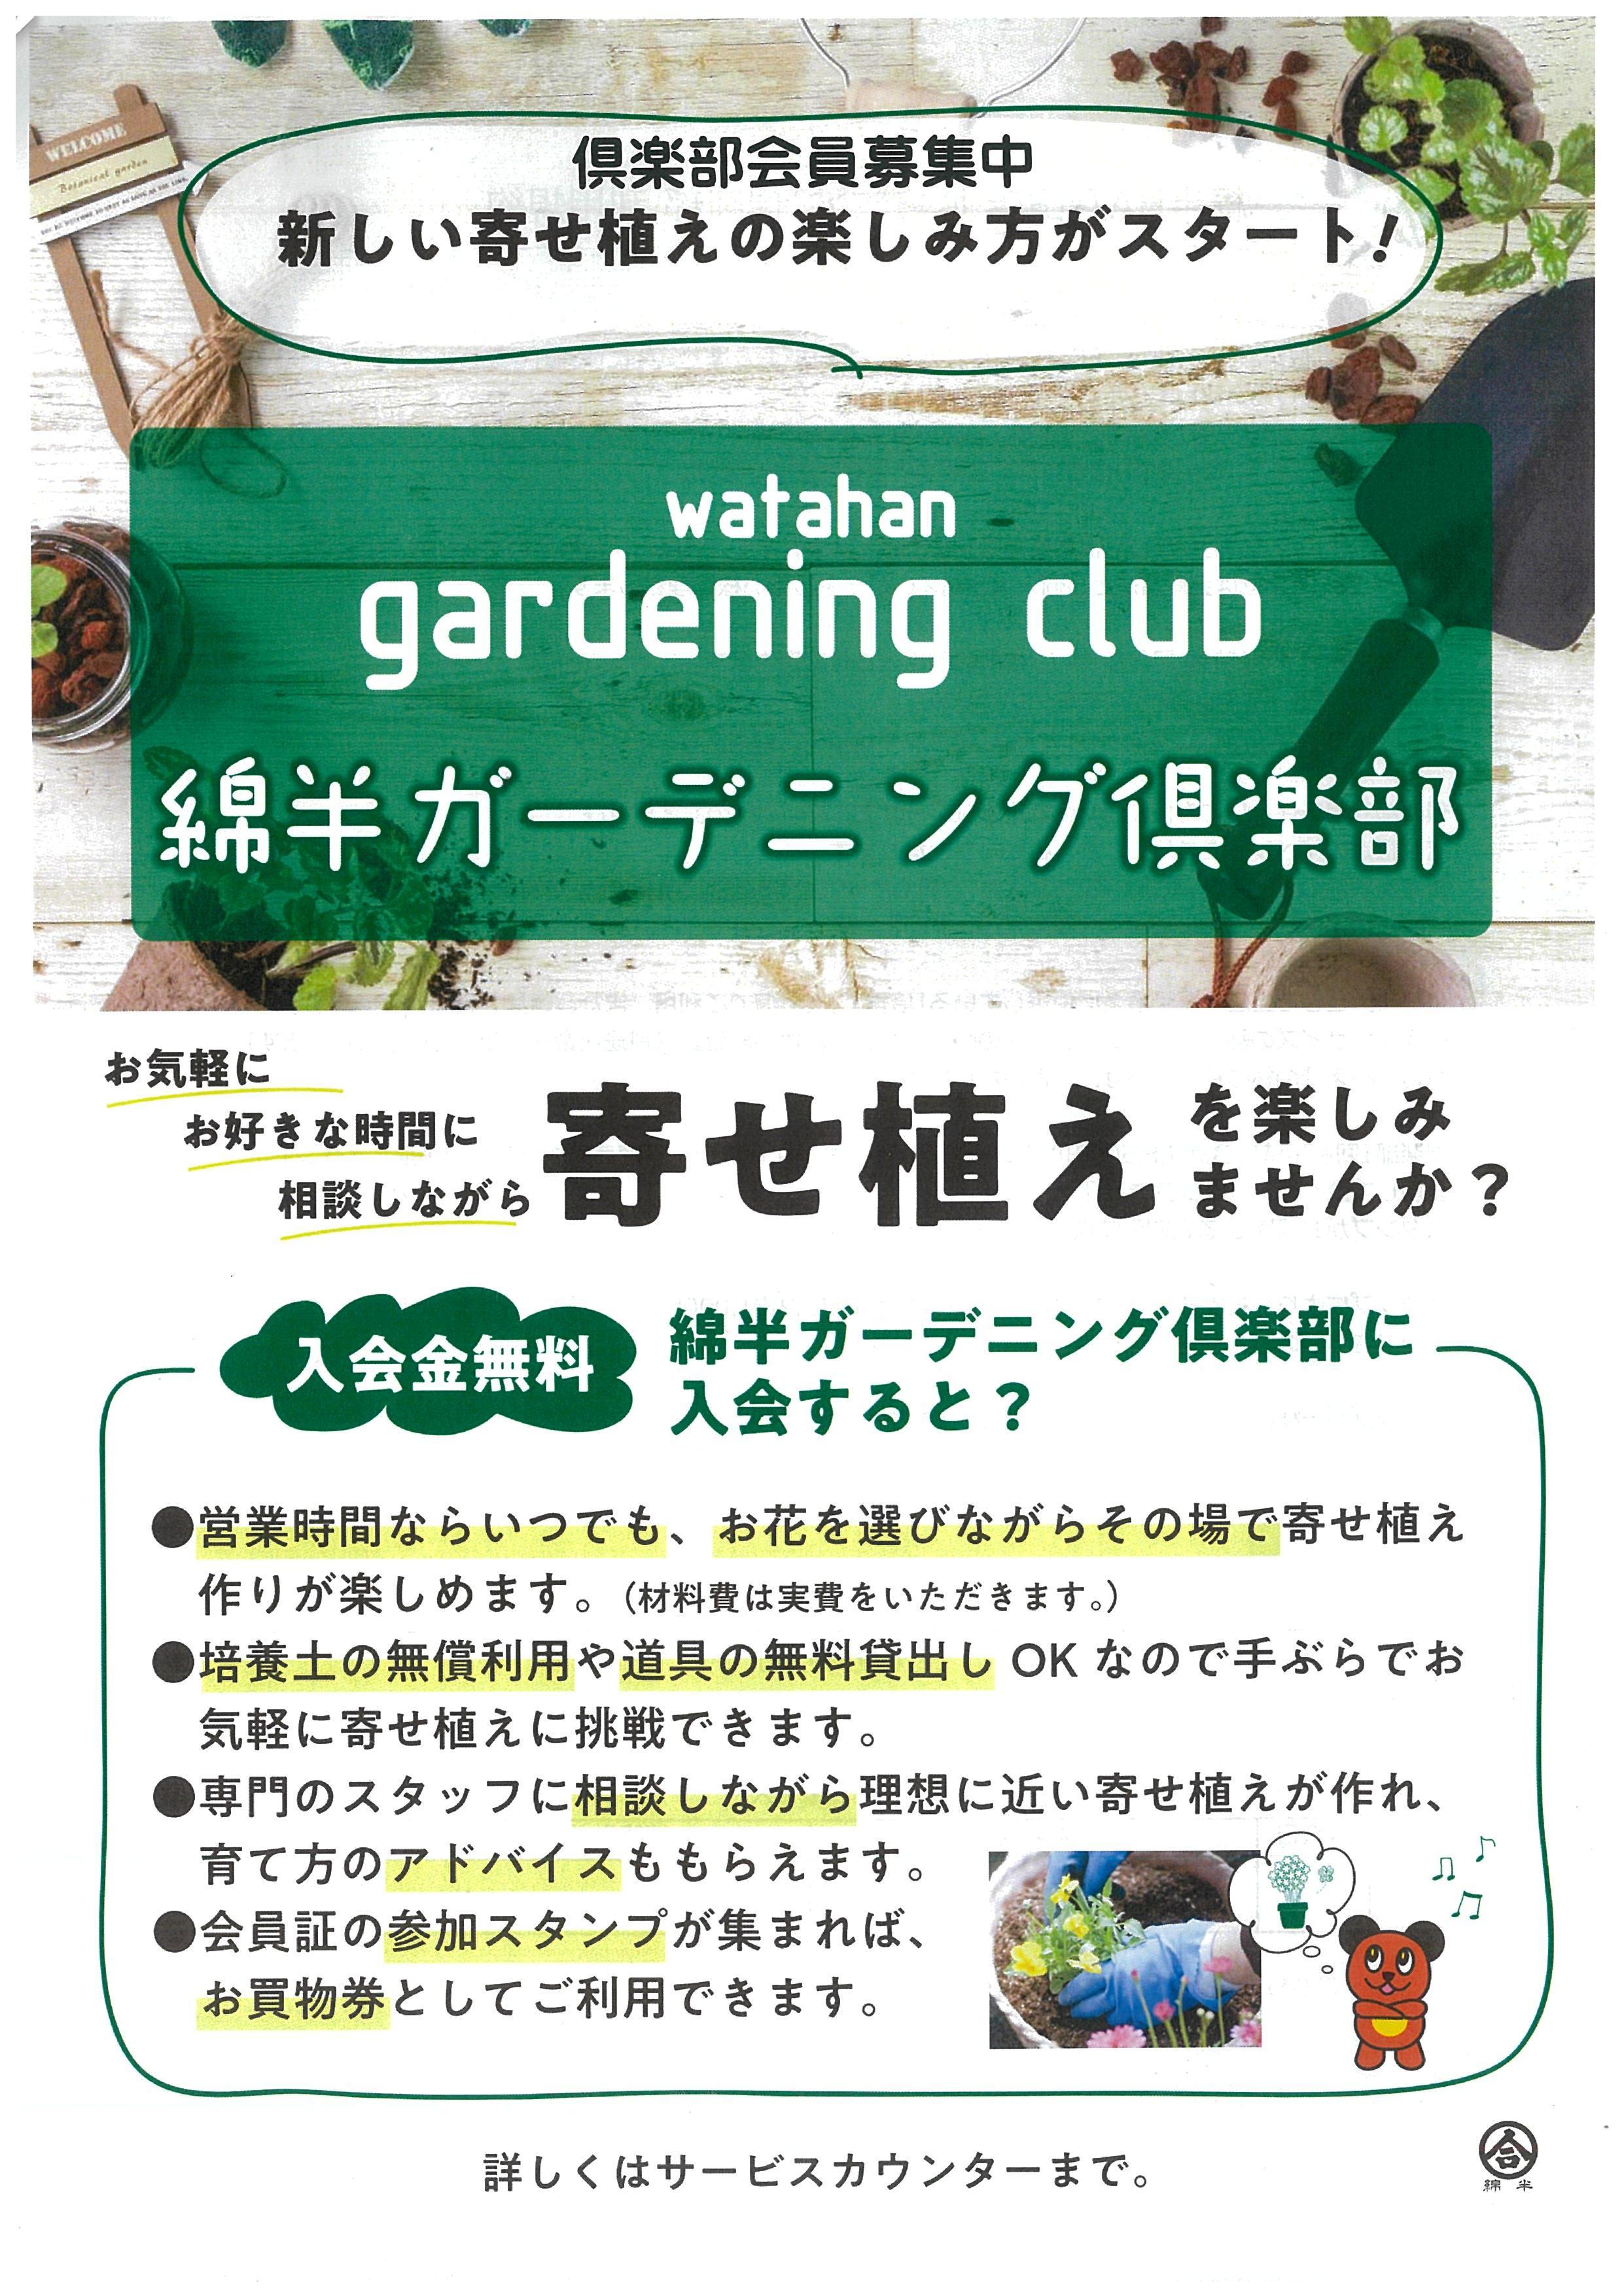 ガーデンクラブ.jpg